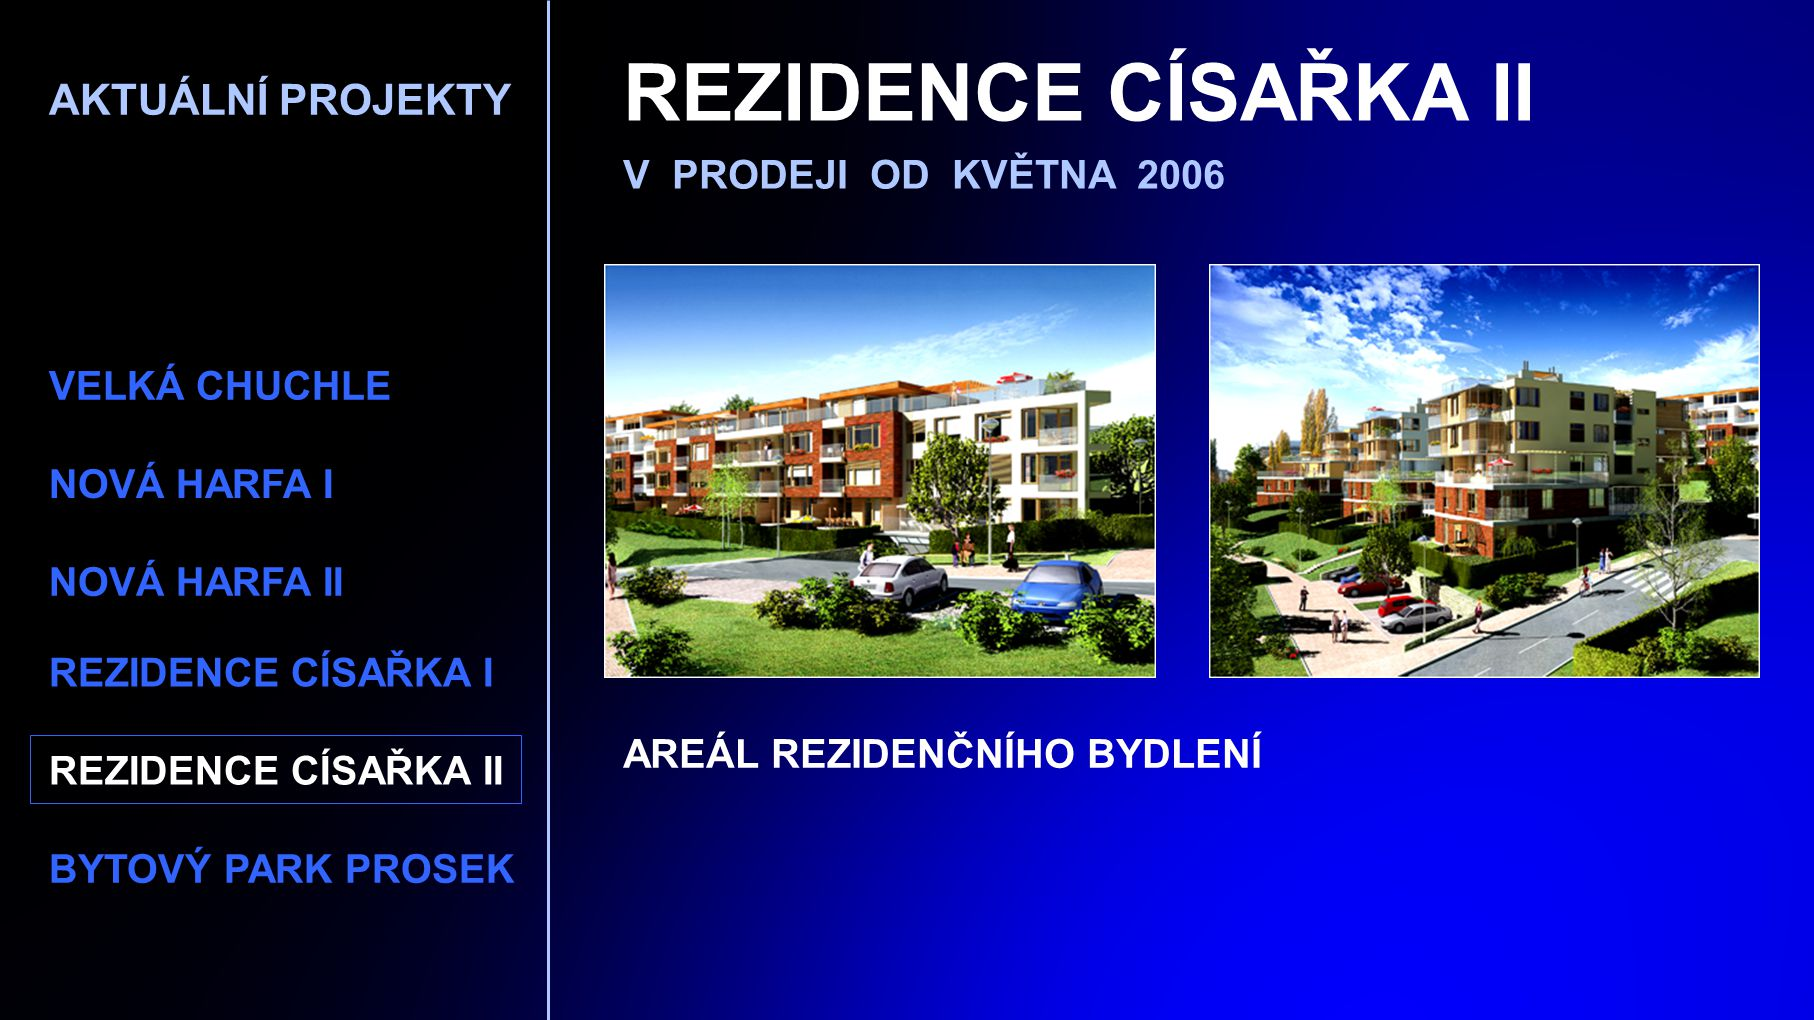 REZIDENCE CÍSAŘKA II AKTUÁLNÍ PROJEKTY V PRODEJI OD KVĚTNA 2006